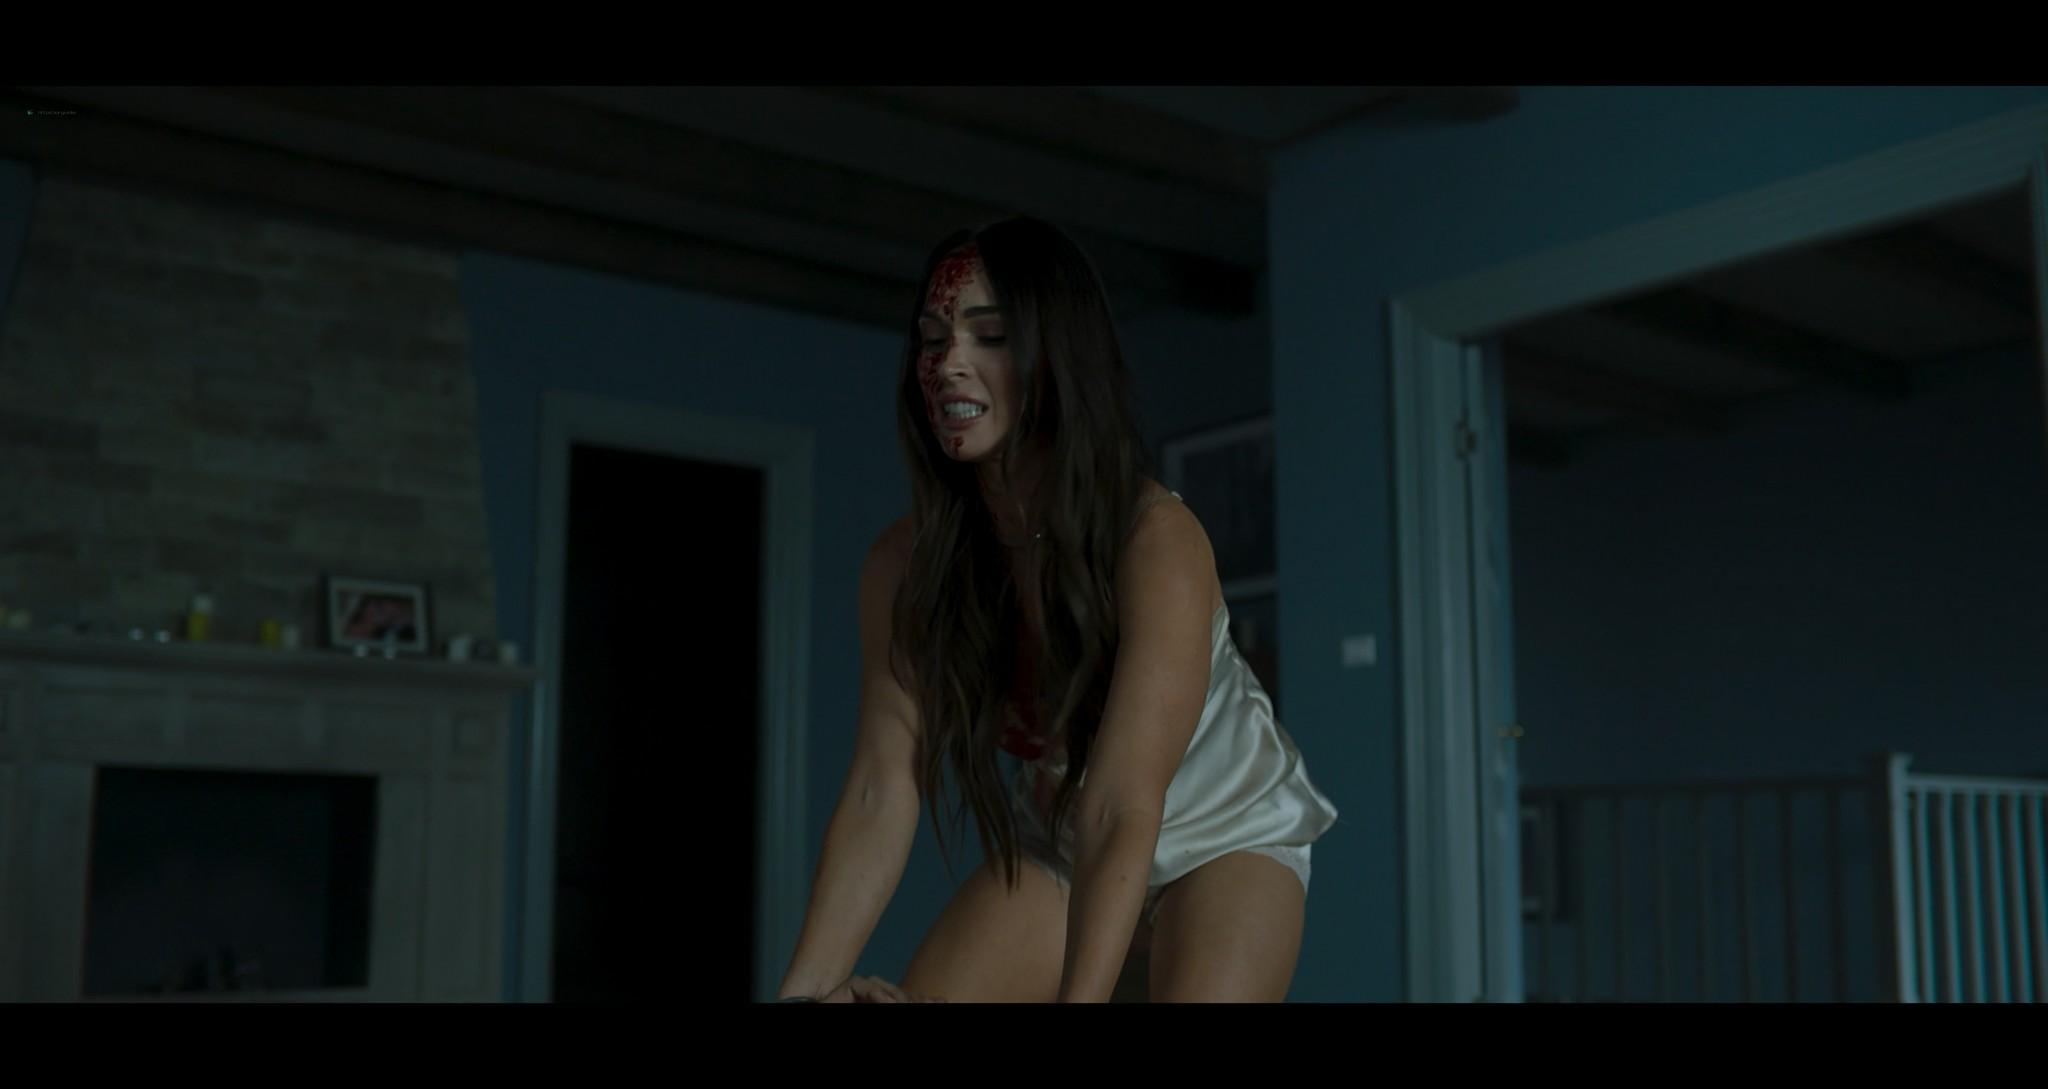 Megan Fox hot and sexy Till Death 2021 4k 2160p Web 14